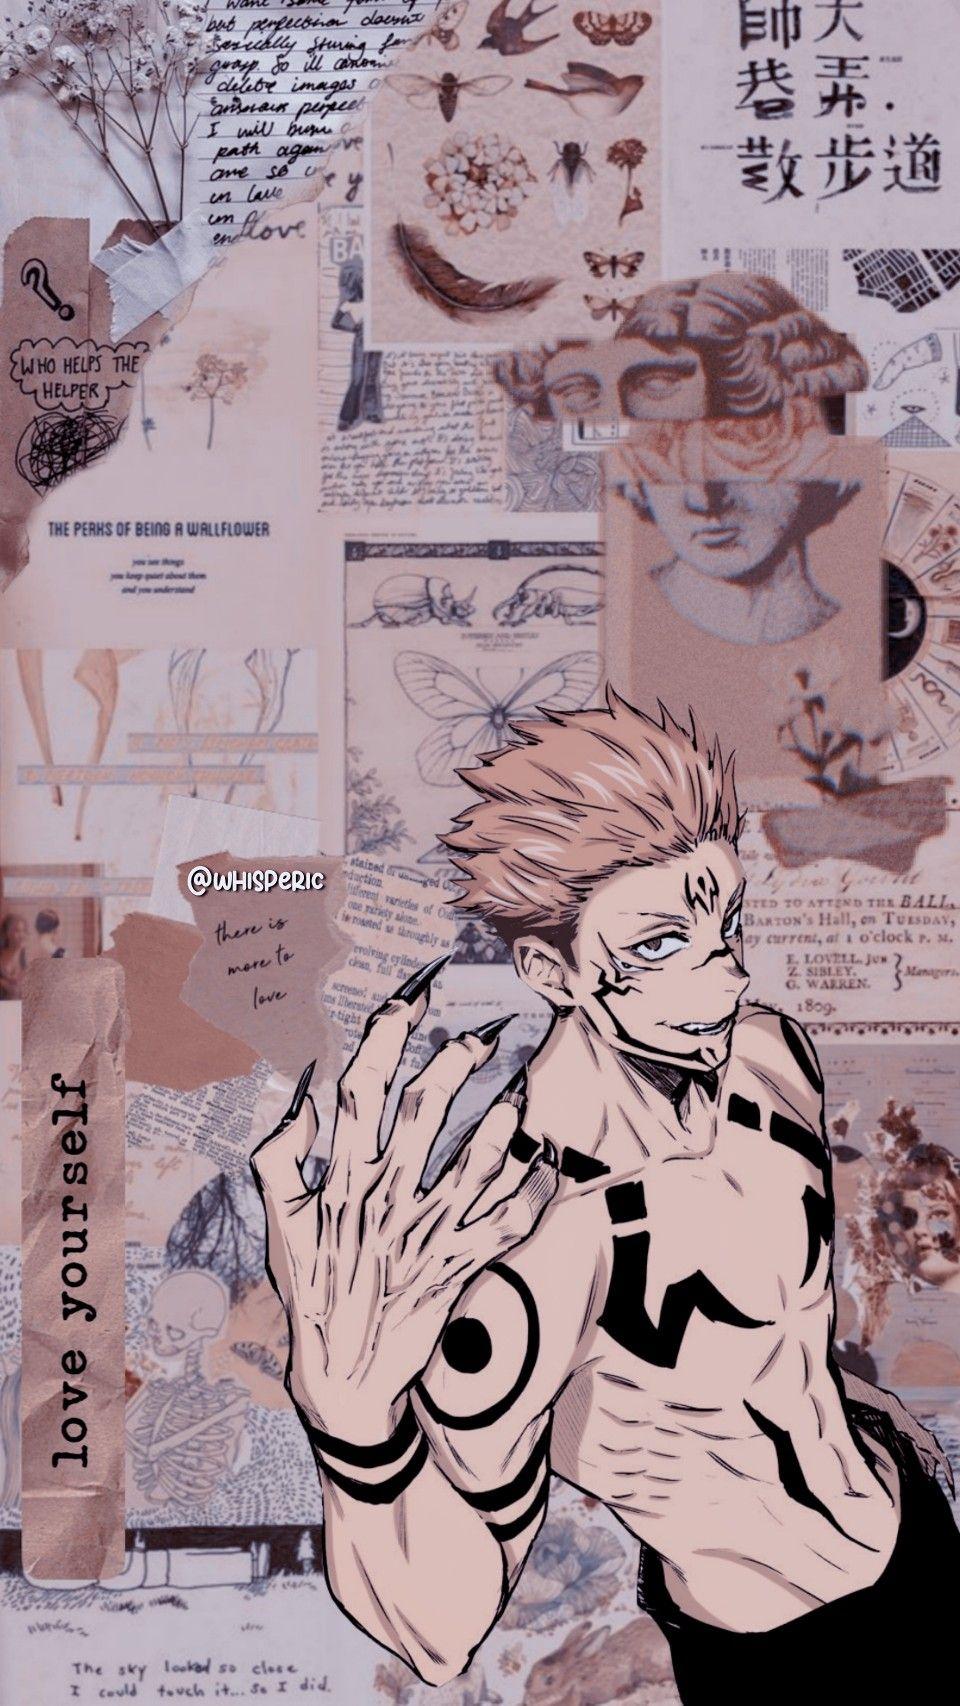 Whisper On Twitter In 2021 Anime Backgrounds Wallpapers Anime Wallpaper Iphone Cool Anime Wallpapers